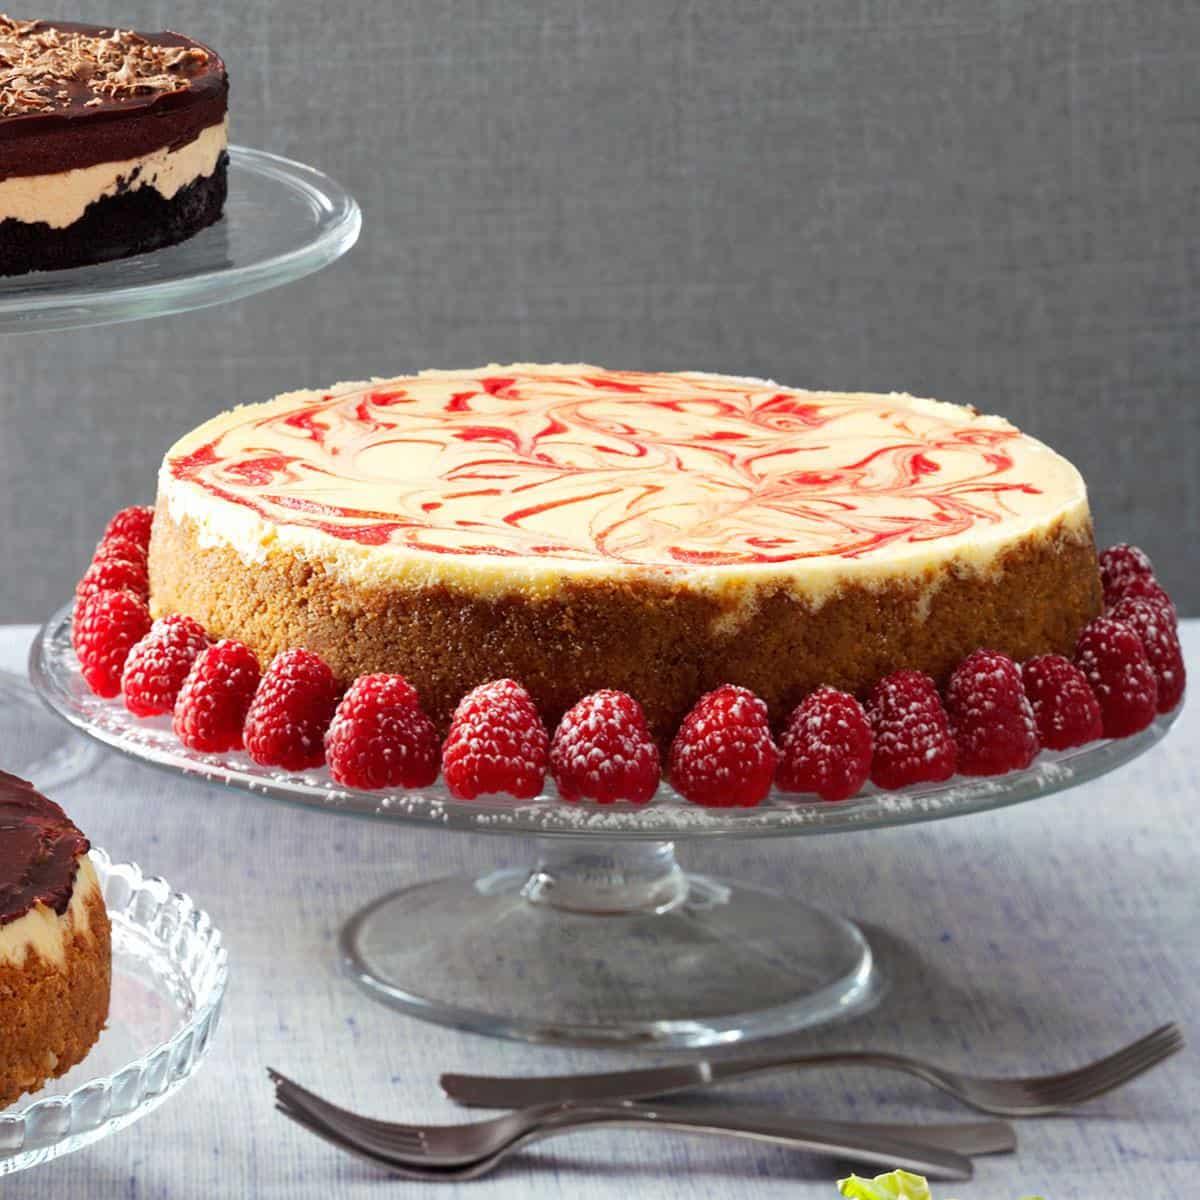 Swirled raspberry and white chocolate cheesecake